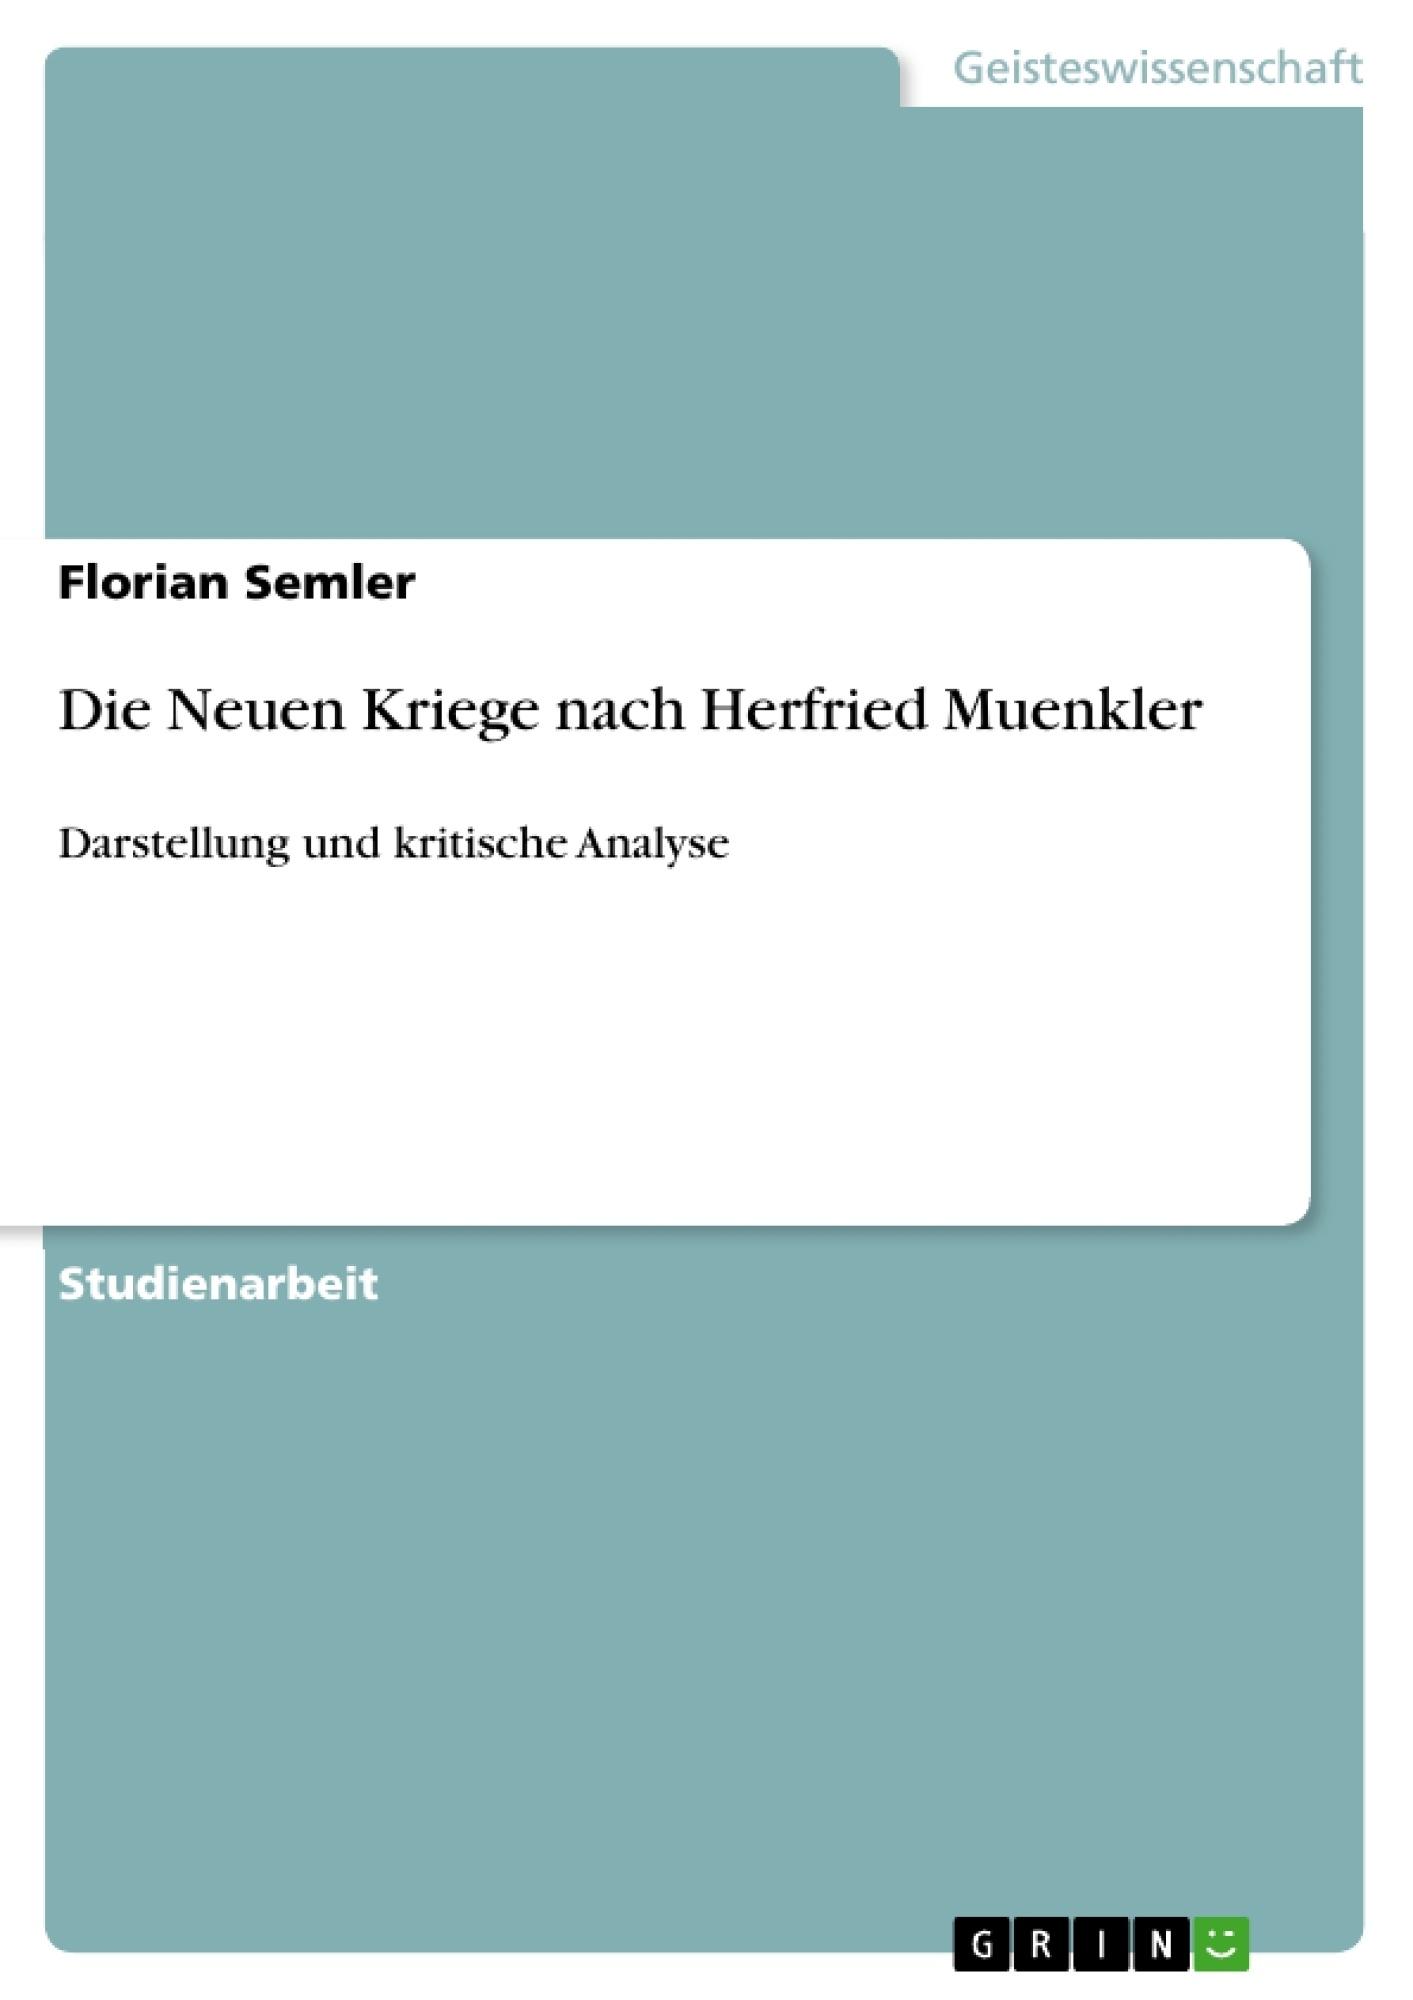 Titel: Die Neuen Kriege nach Herfried Muenkler